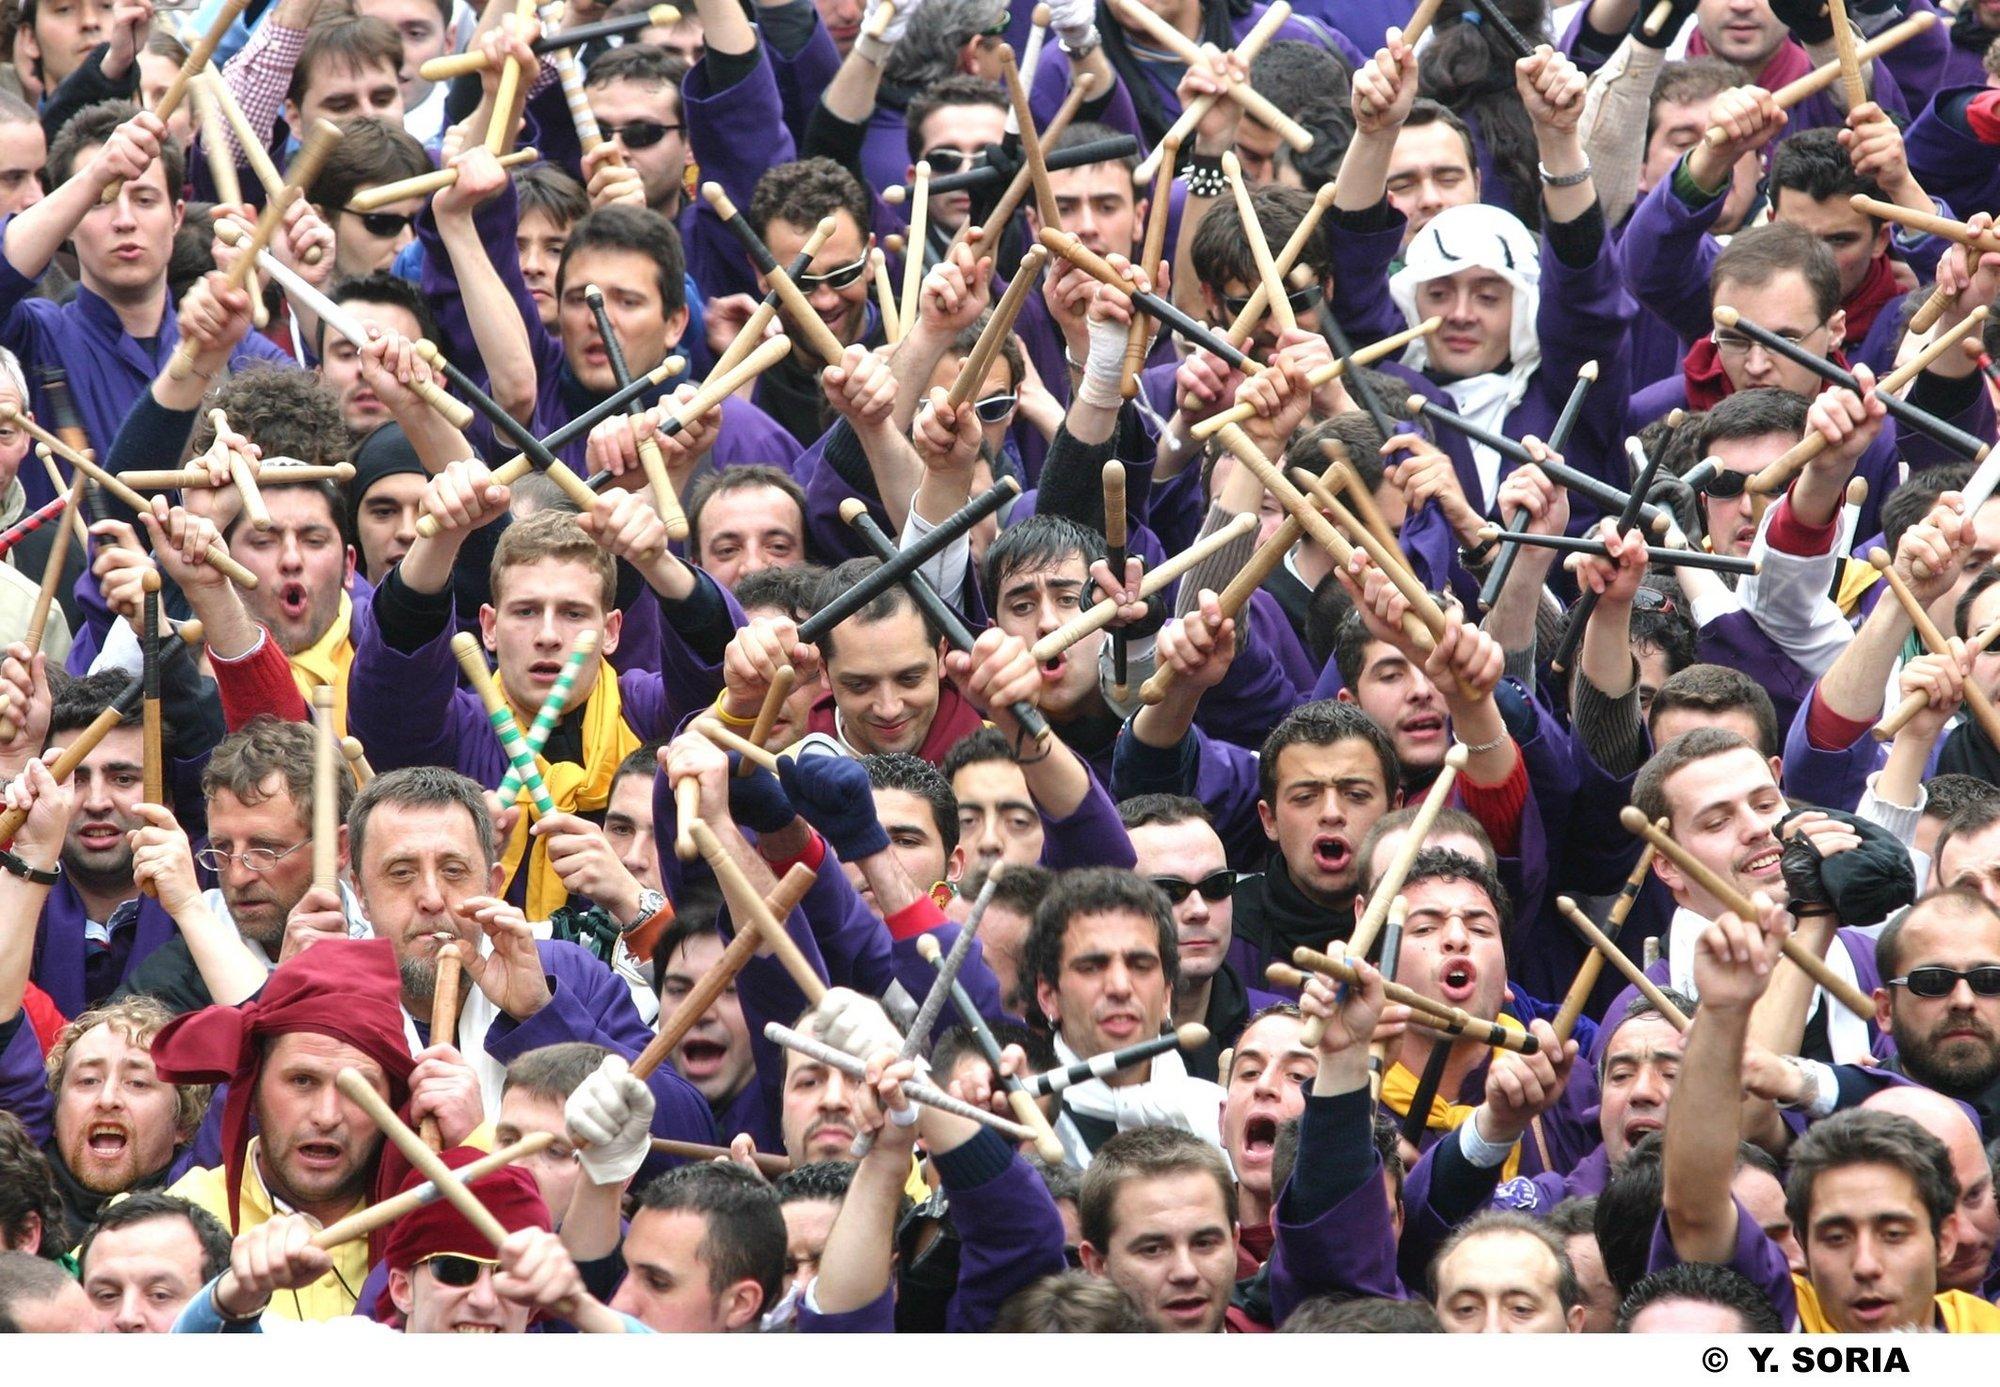 S.La lluvia, el granizo e incluso la nieve obligan a suspender la procesión de »Las Turbas» de Cuenca